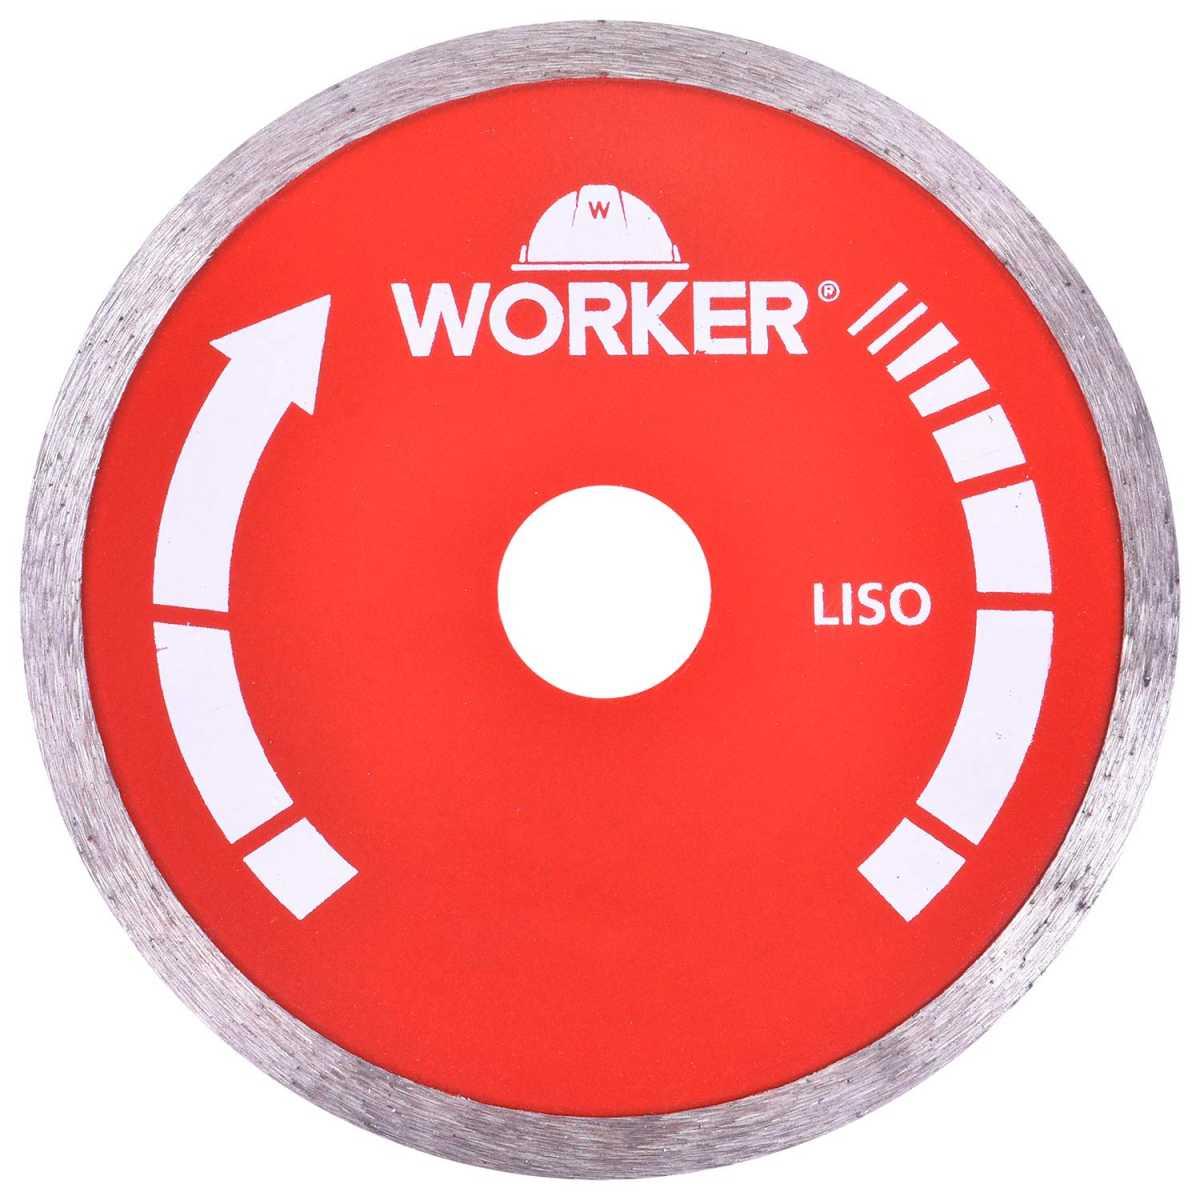 Serra Mármore 1300W Worker com 3 Discos Diamantados 110X20Mm 220V